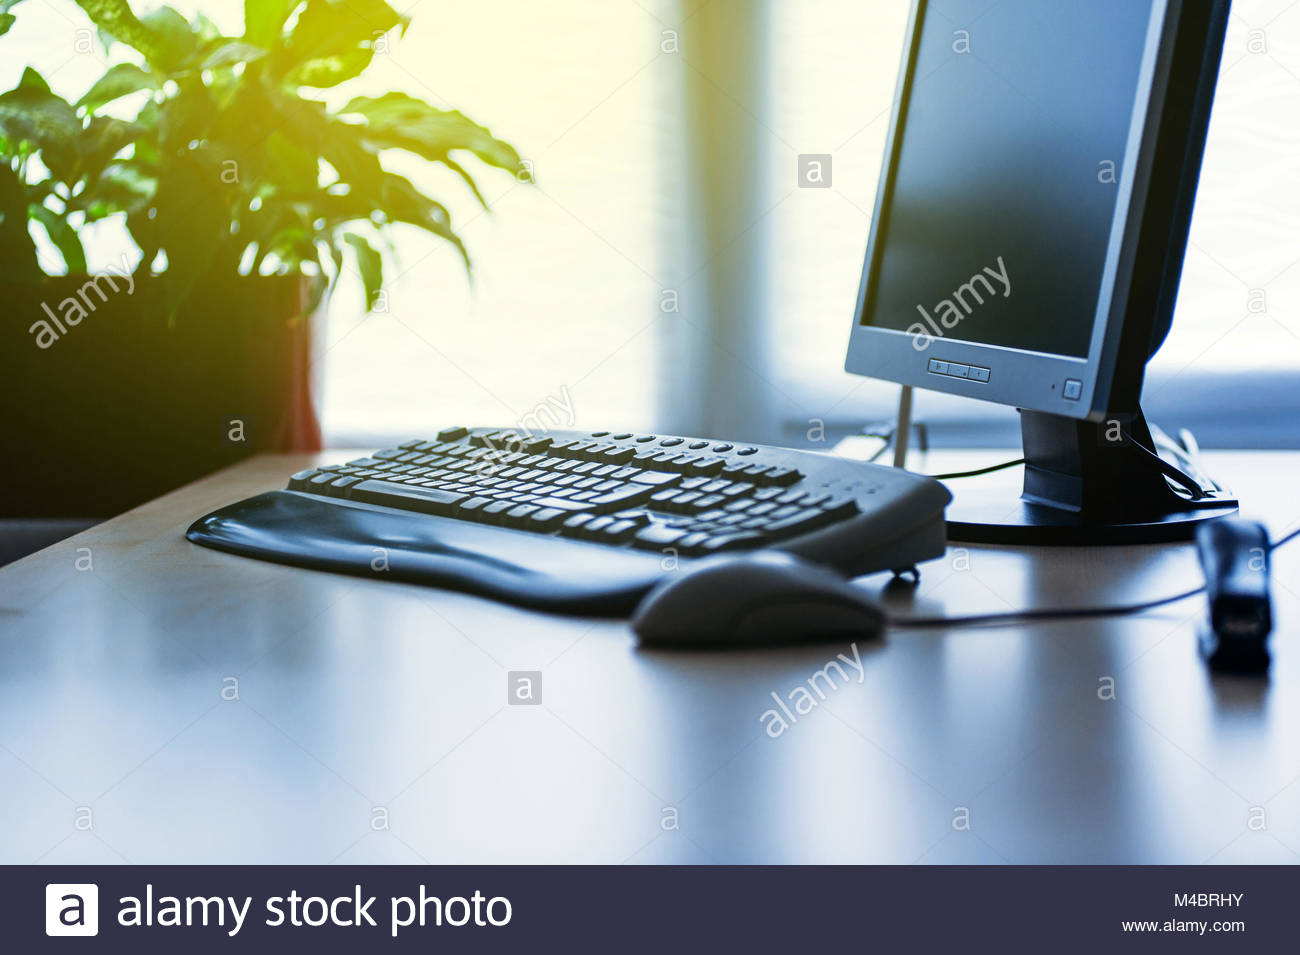 Office Inte Imágenes De Stock & Office Inte Fotos De Stock - Alamy